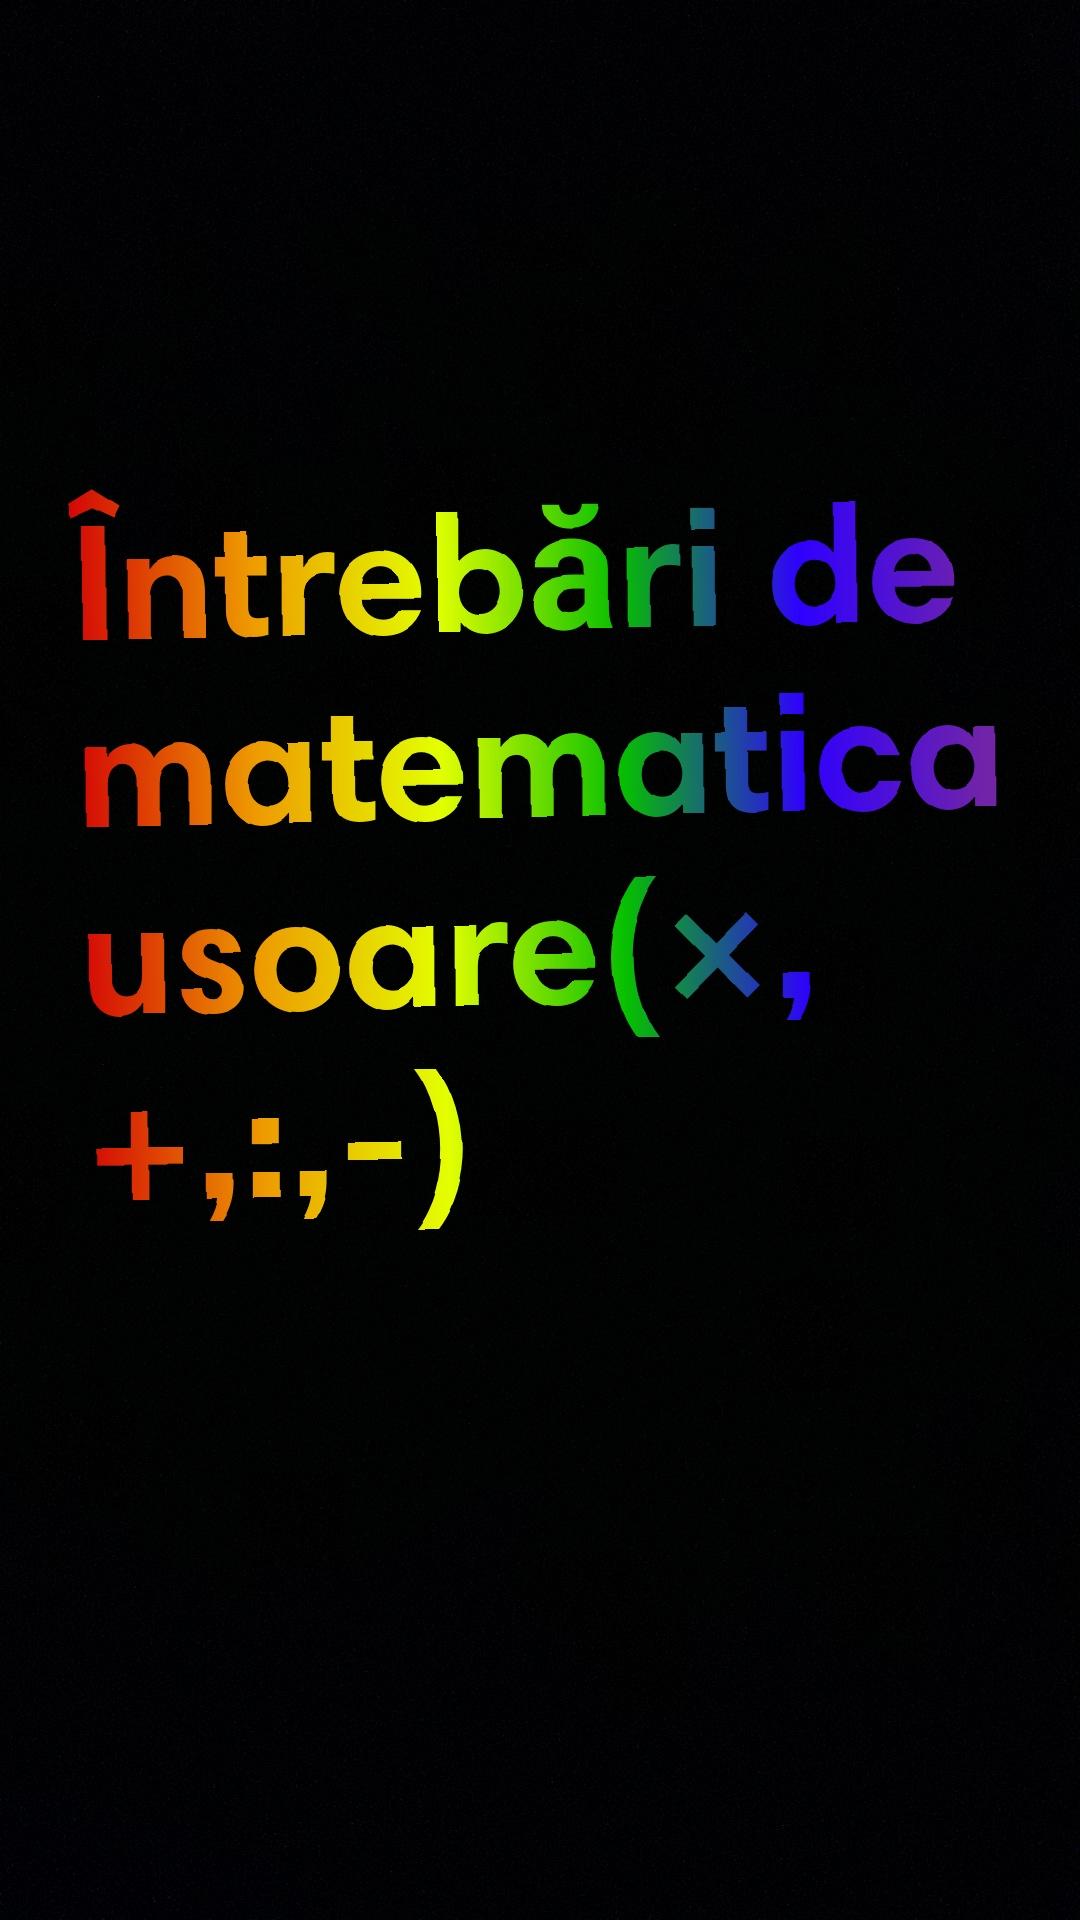 Intrebari usoare din matematica